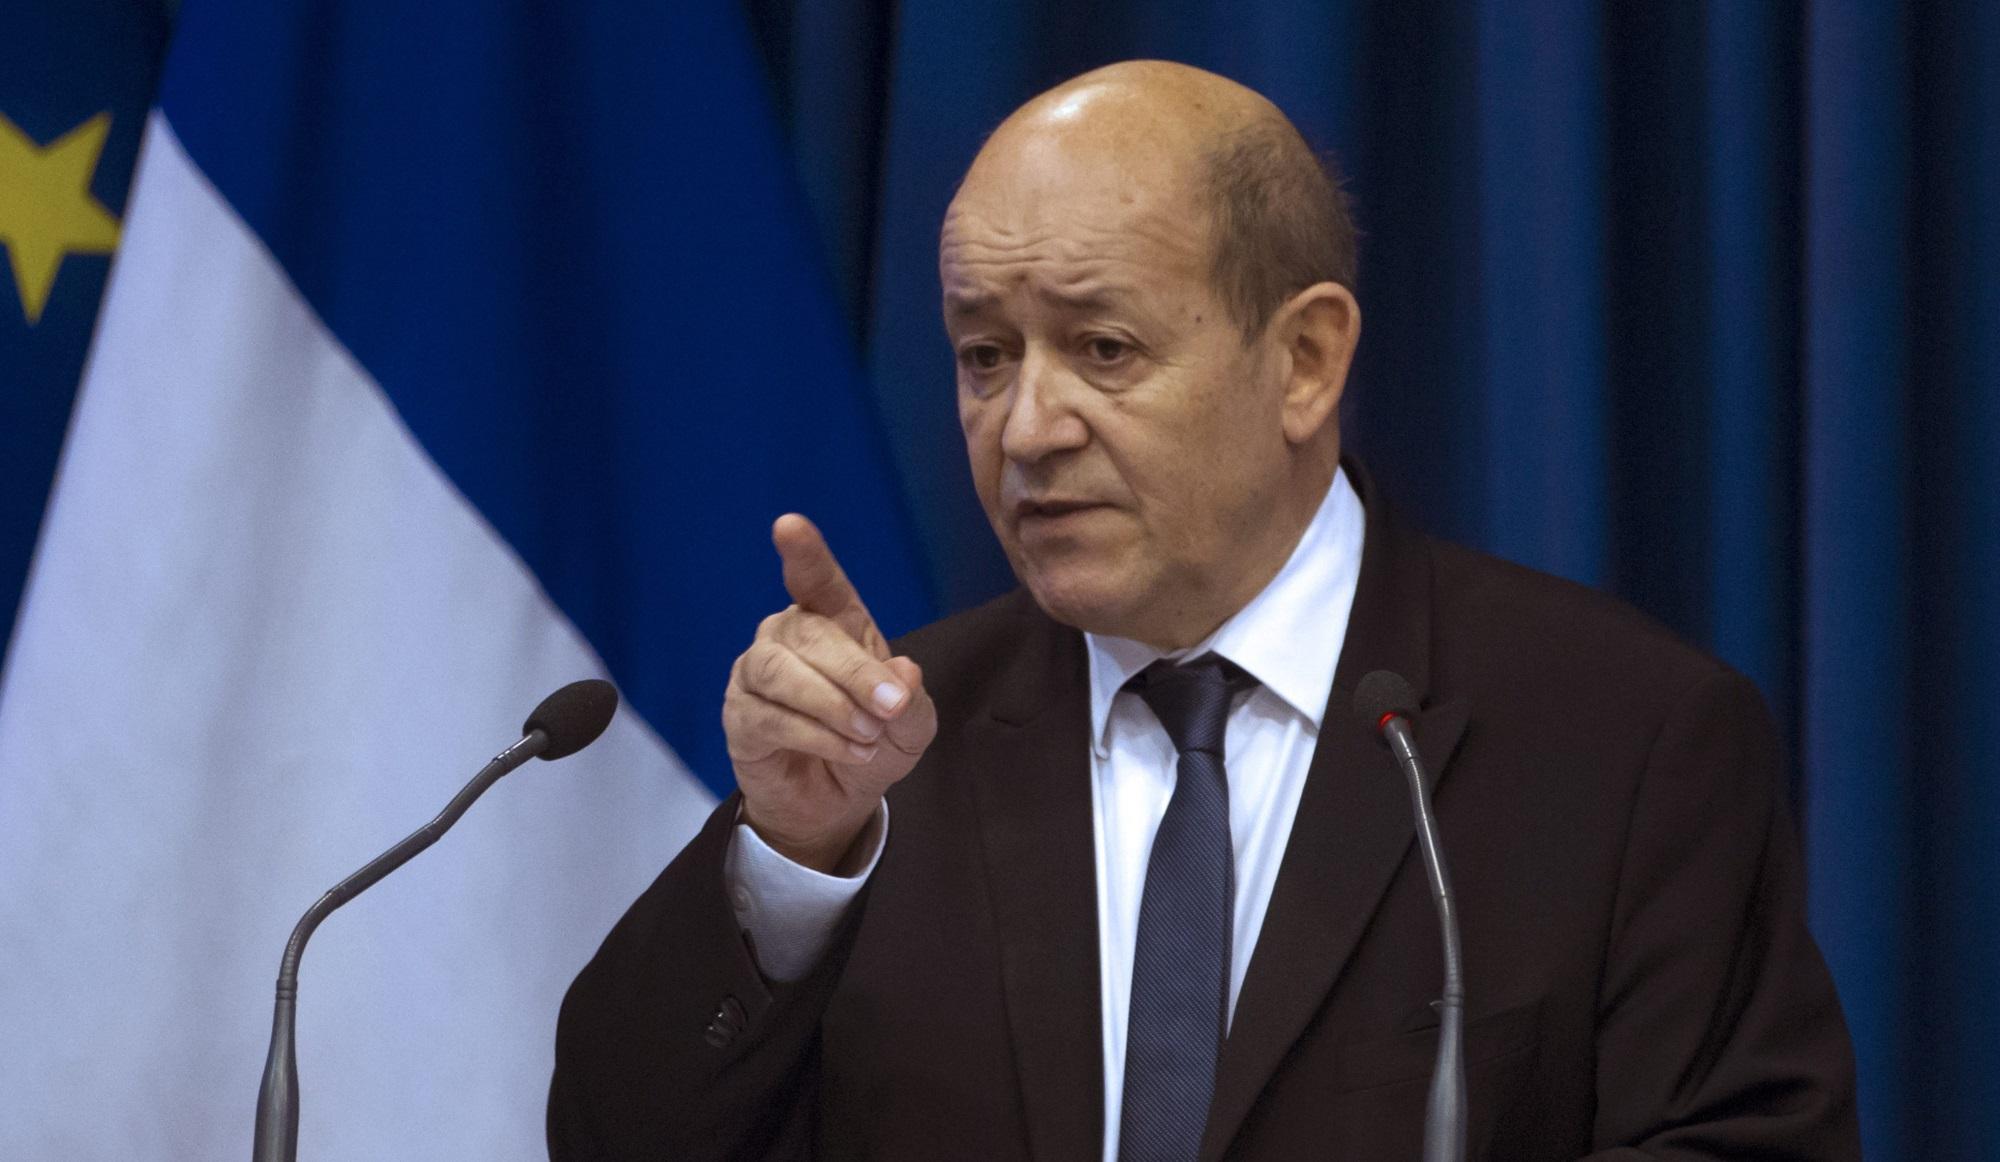 Отмена санкций в отношении России? Все зависит от воли и желания Украины! – глава МИД Франции Ле Дриан